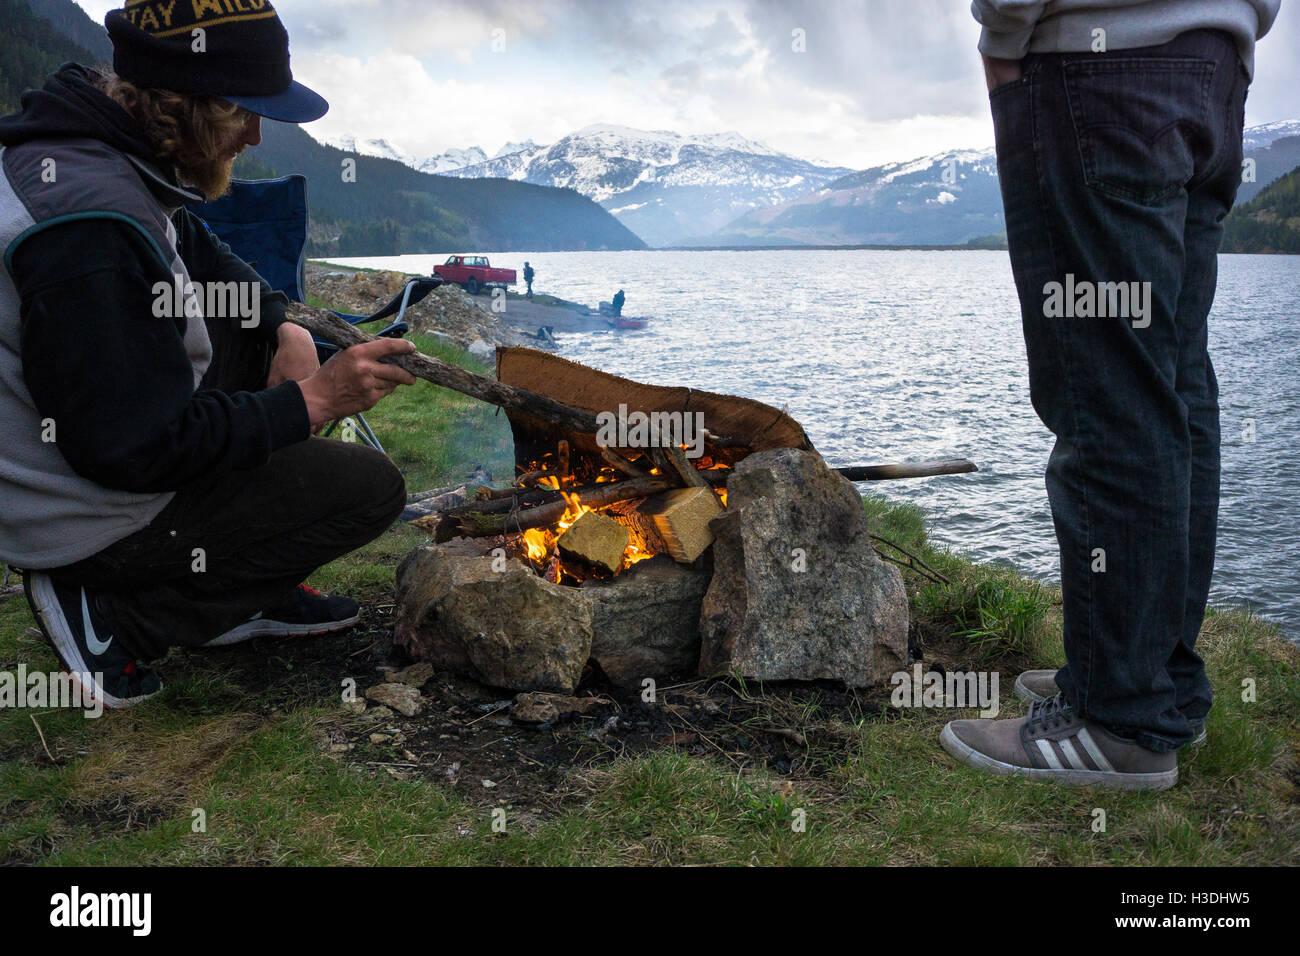 Amici costruisca un fuoco sulla riva di un lago interno della Columbia Britannica Immagini Stock